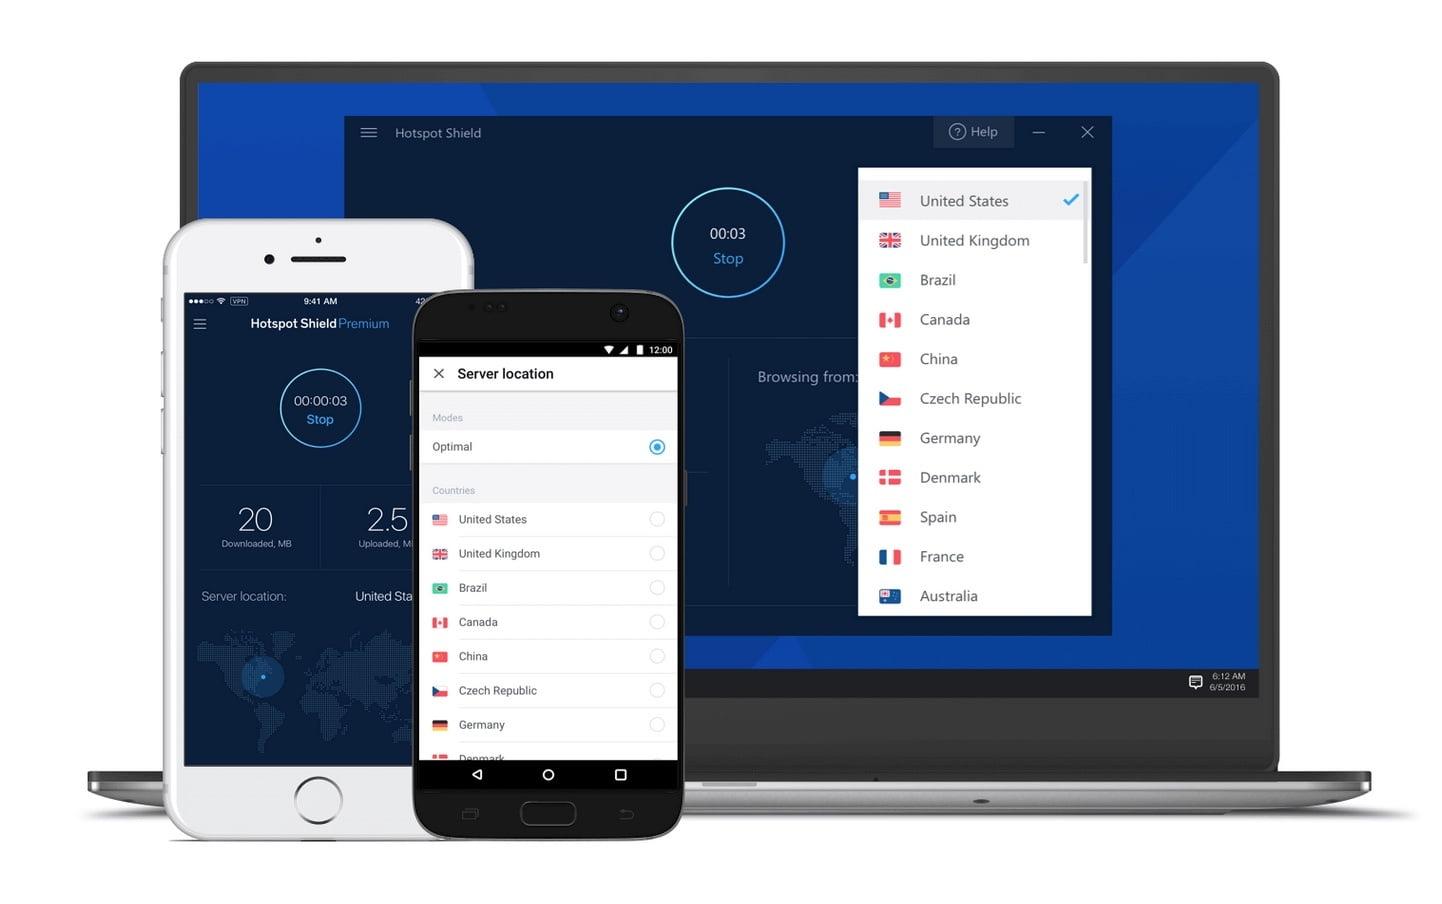 Wenig überzeugend: das kostenlose VPN von Hotspot Shield